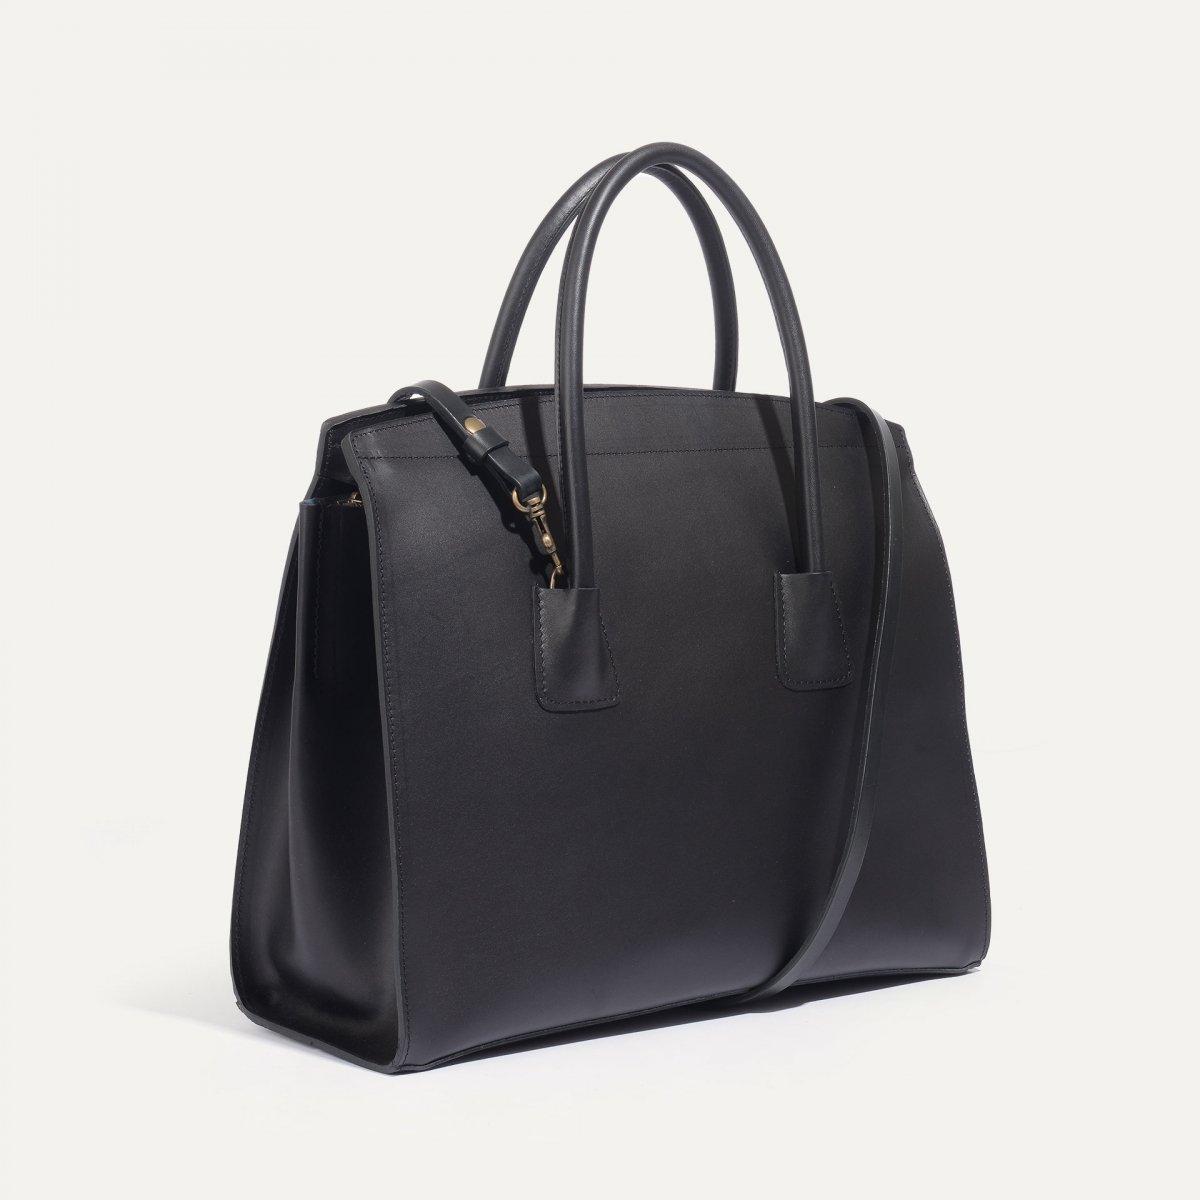 Dalva business Tote - Black (image n°3)